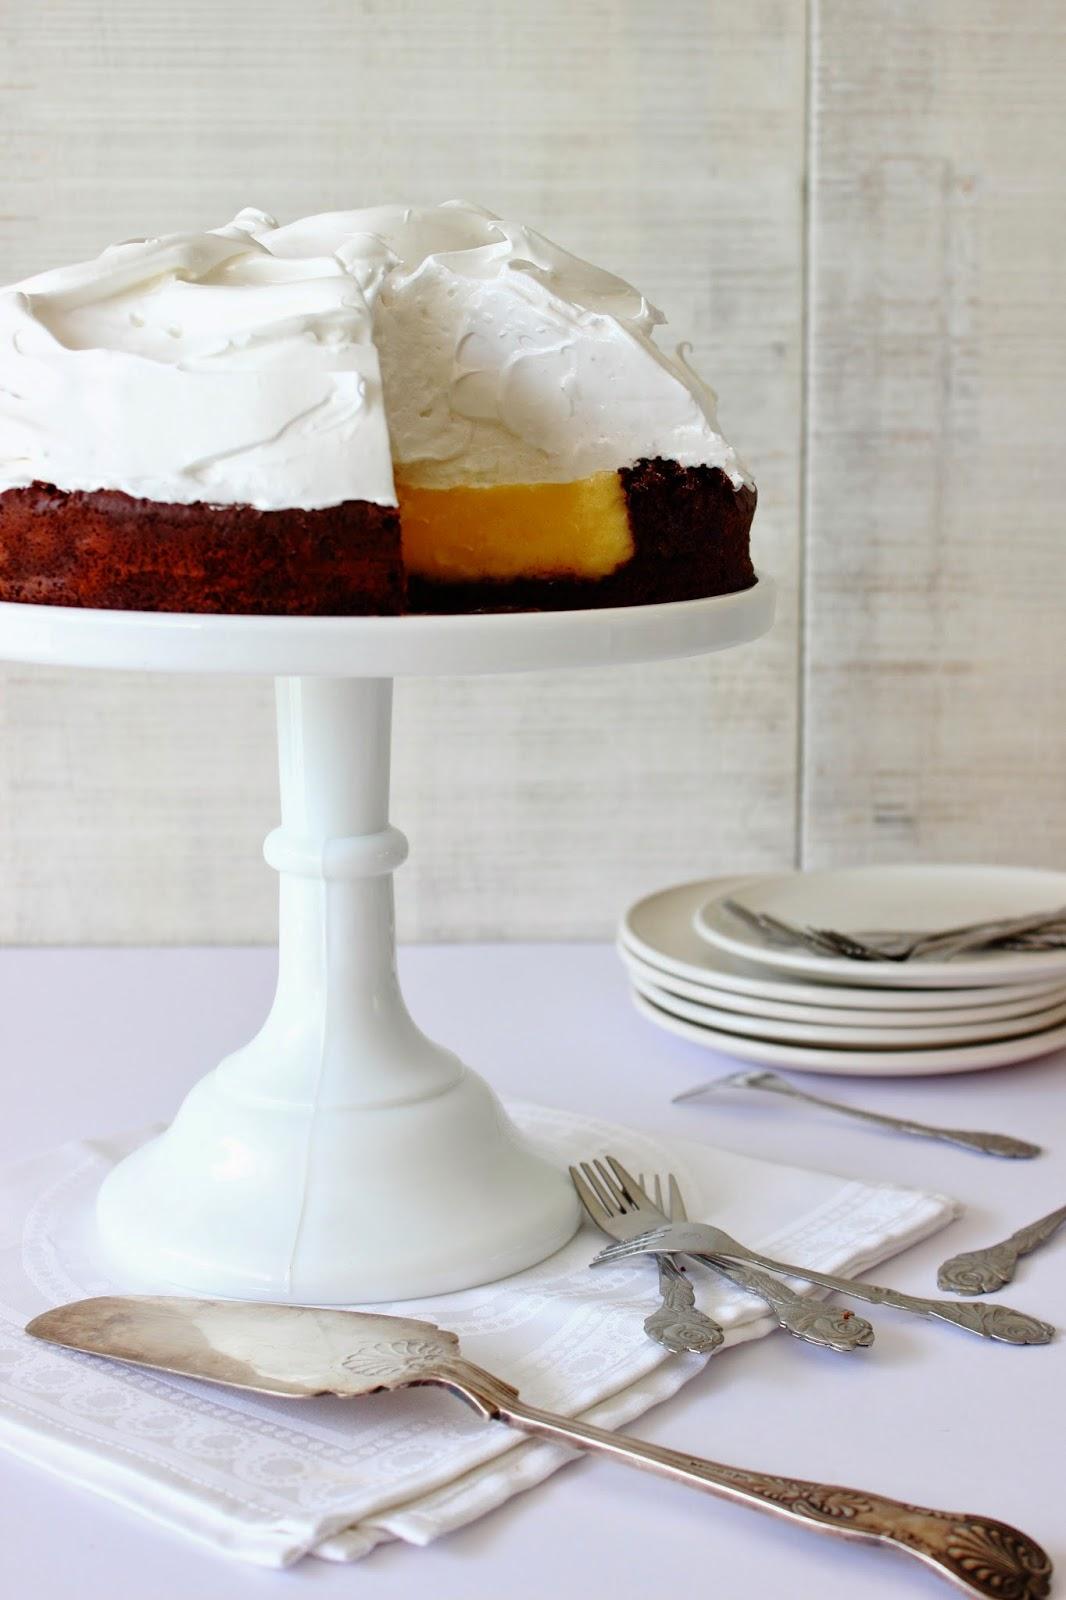 Citroen (lemon) meringue chocoladetaart